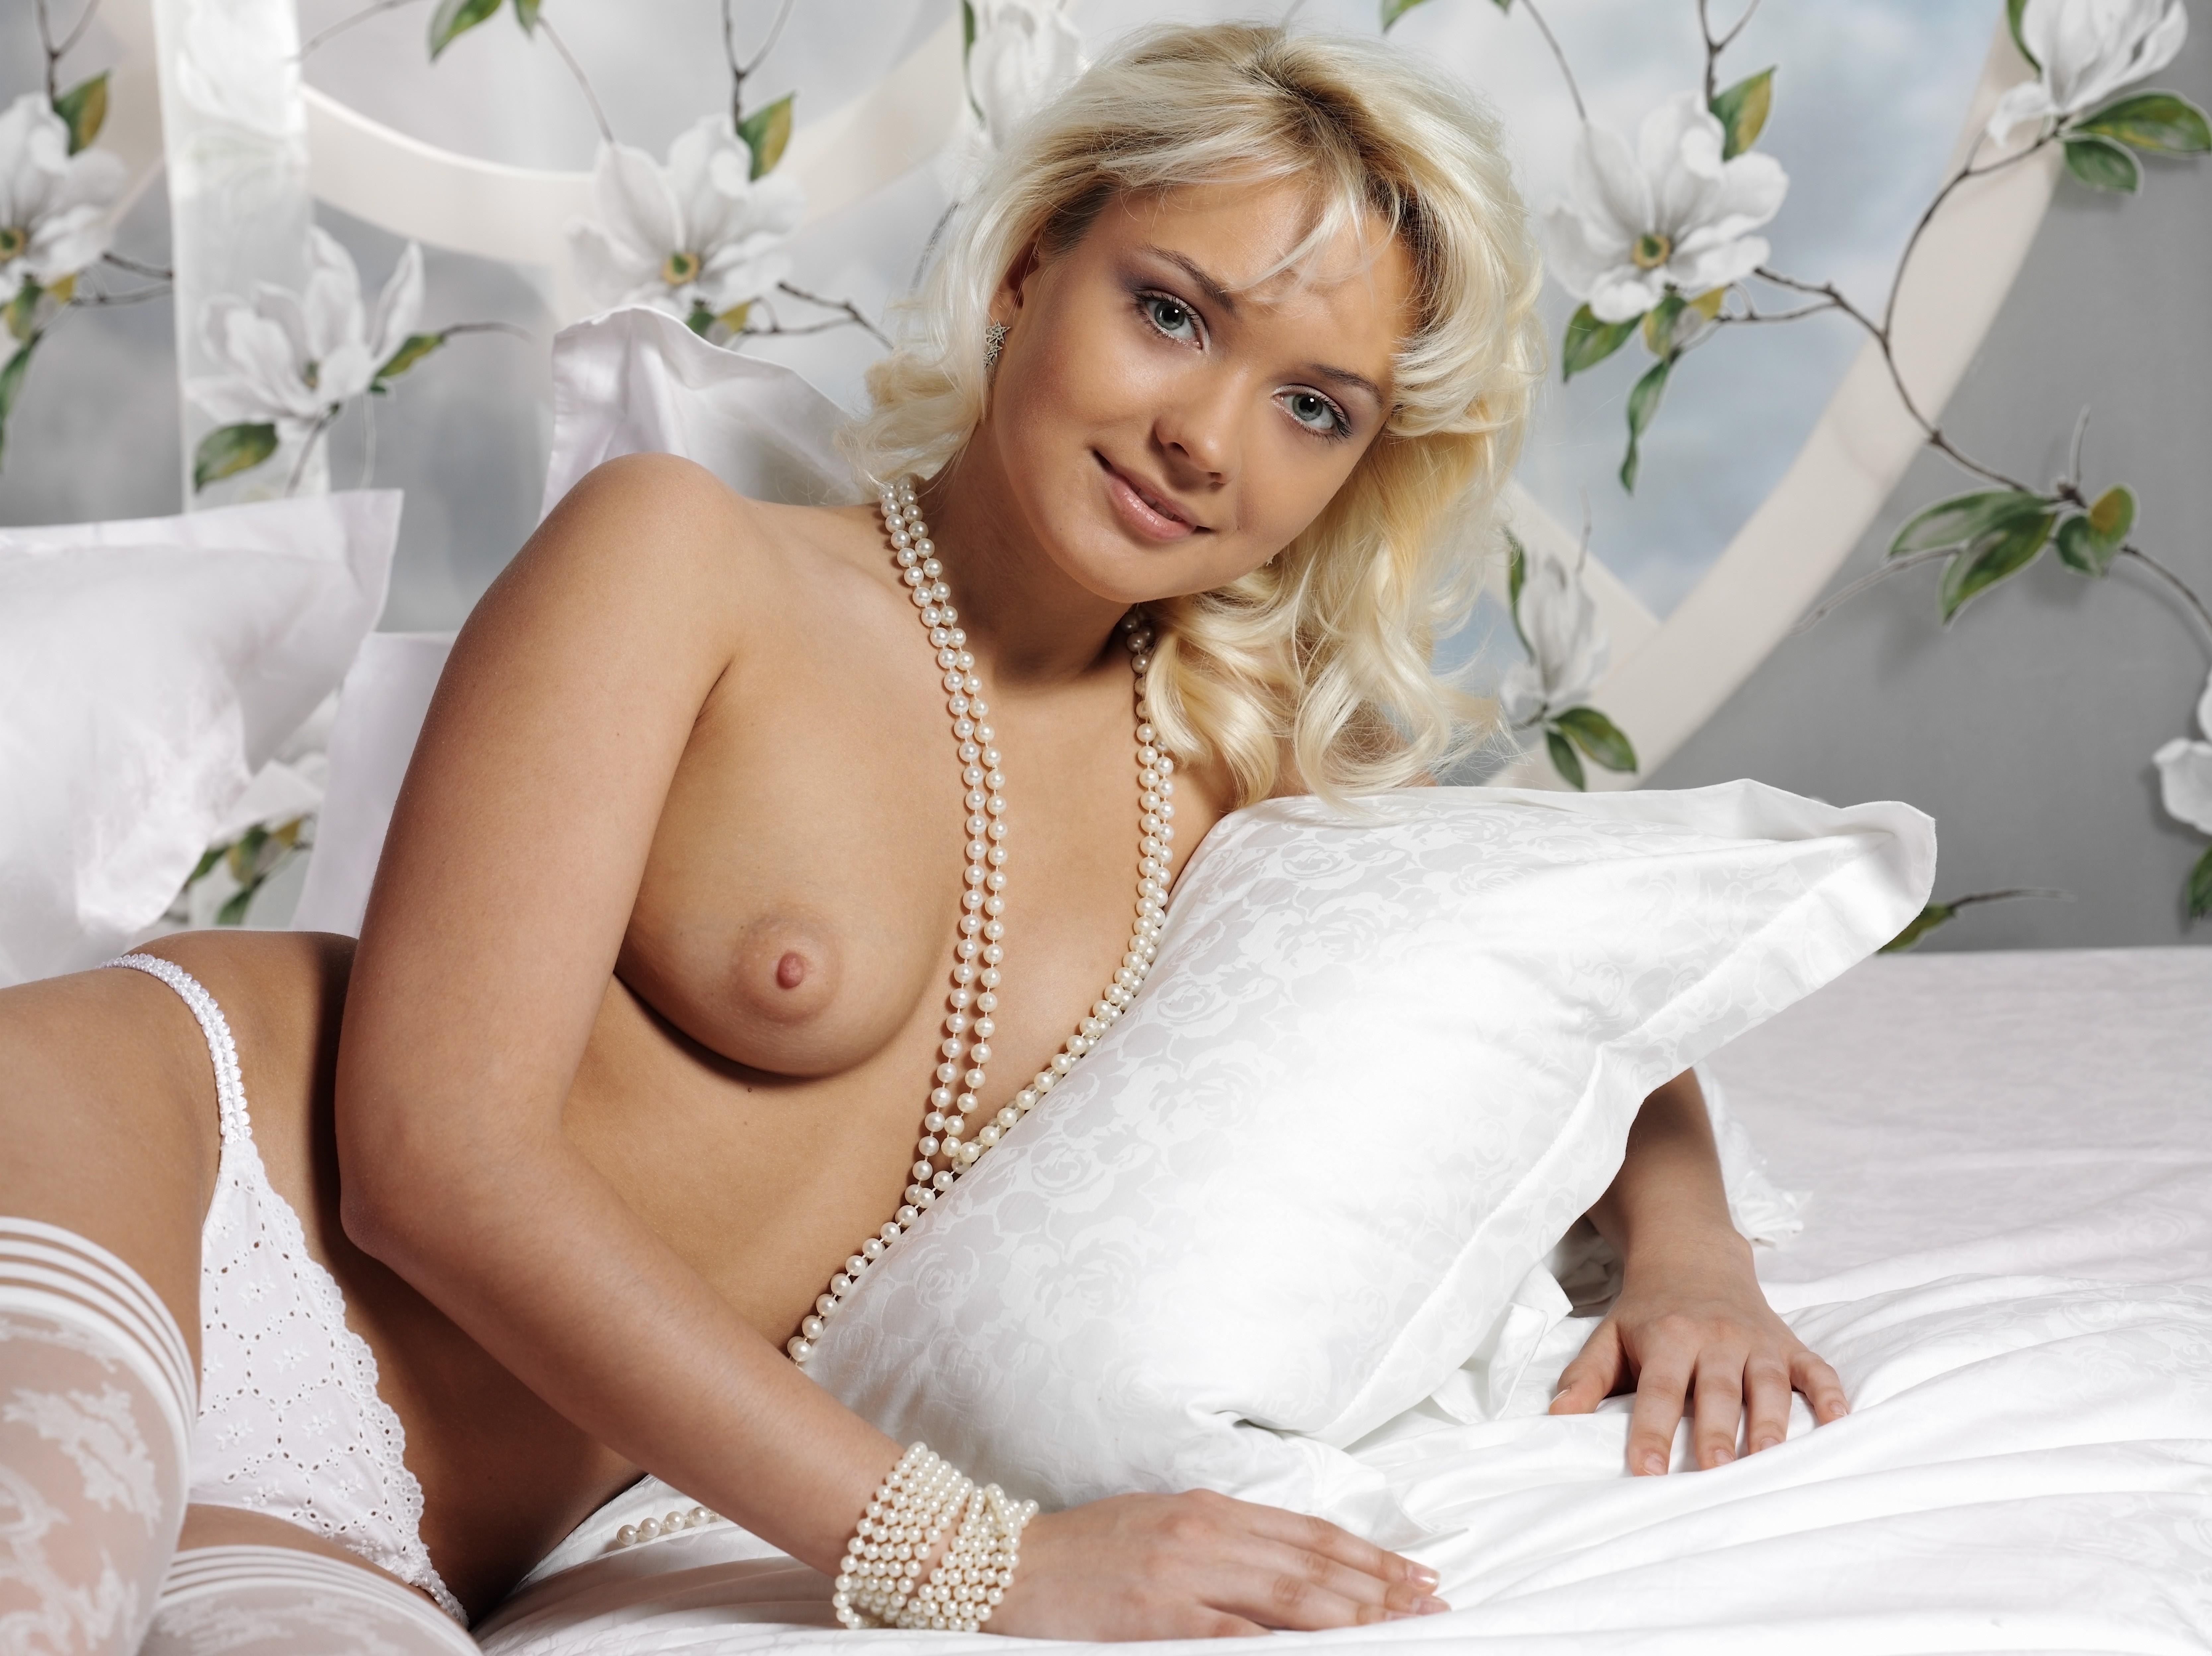 Шикарная блондинка в чулках 20 фотография